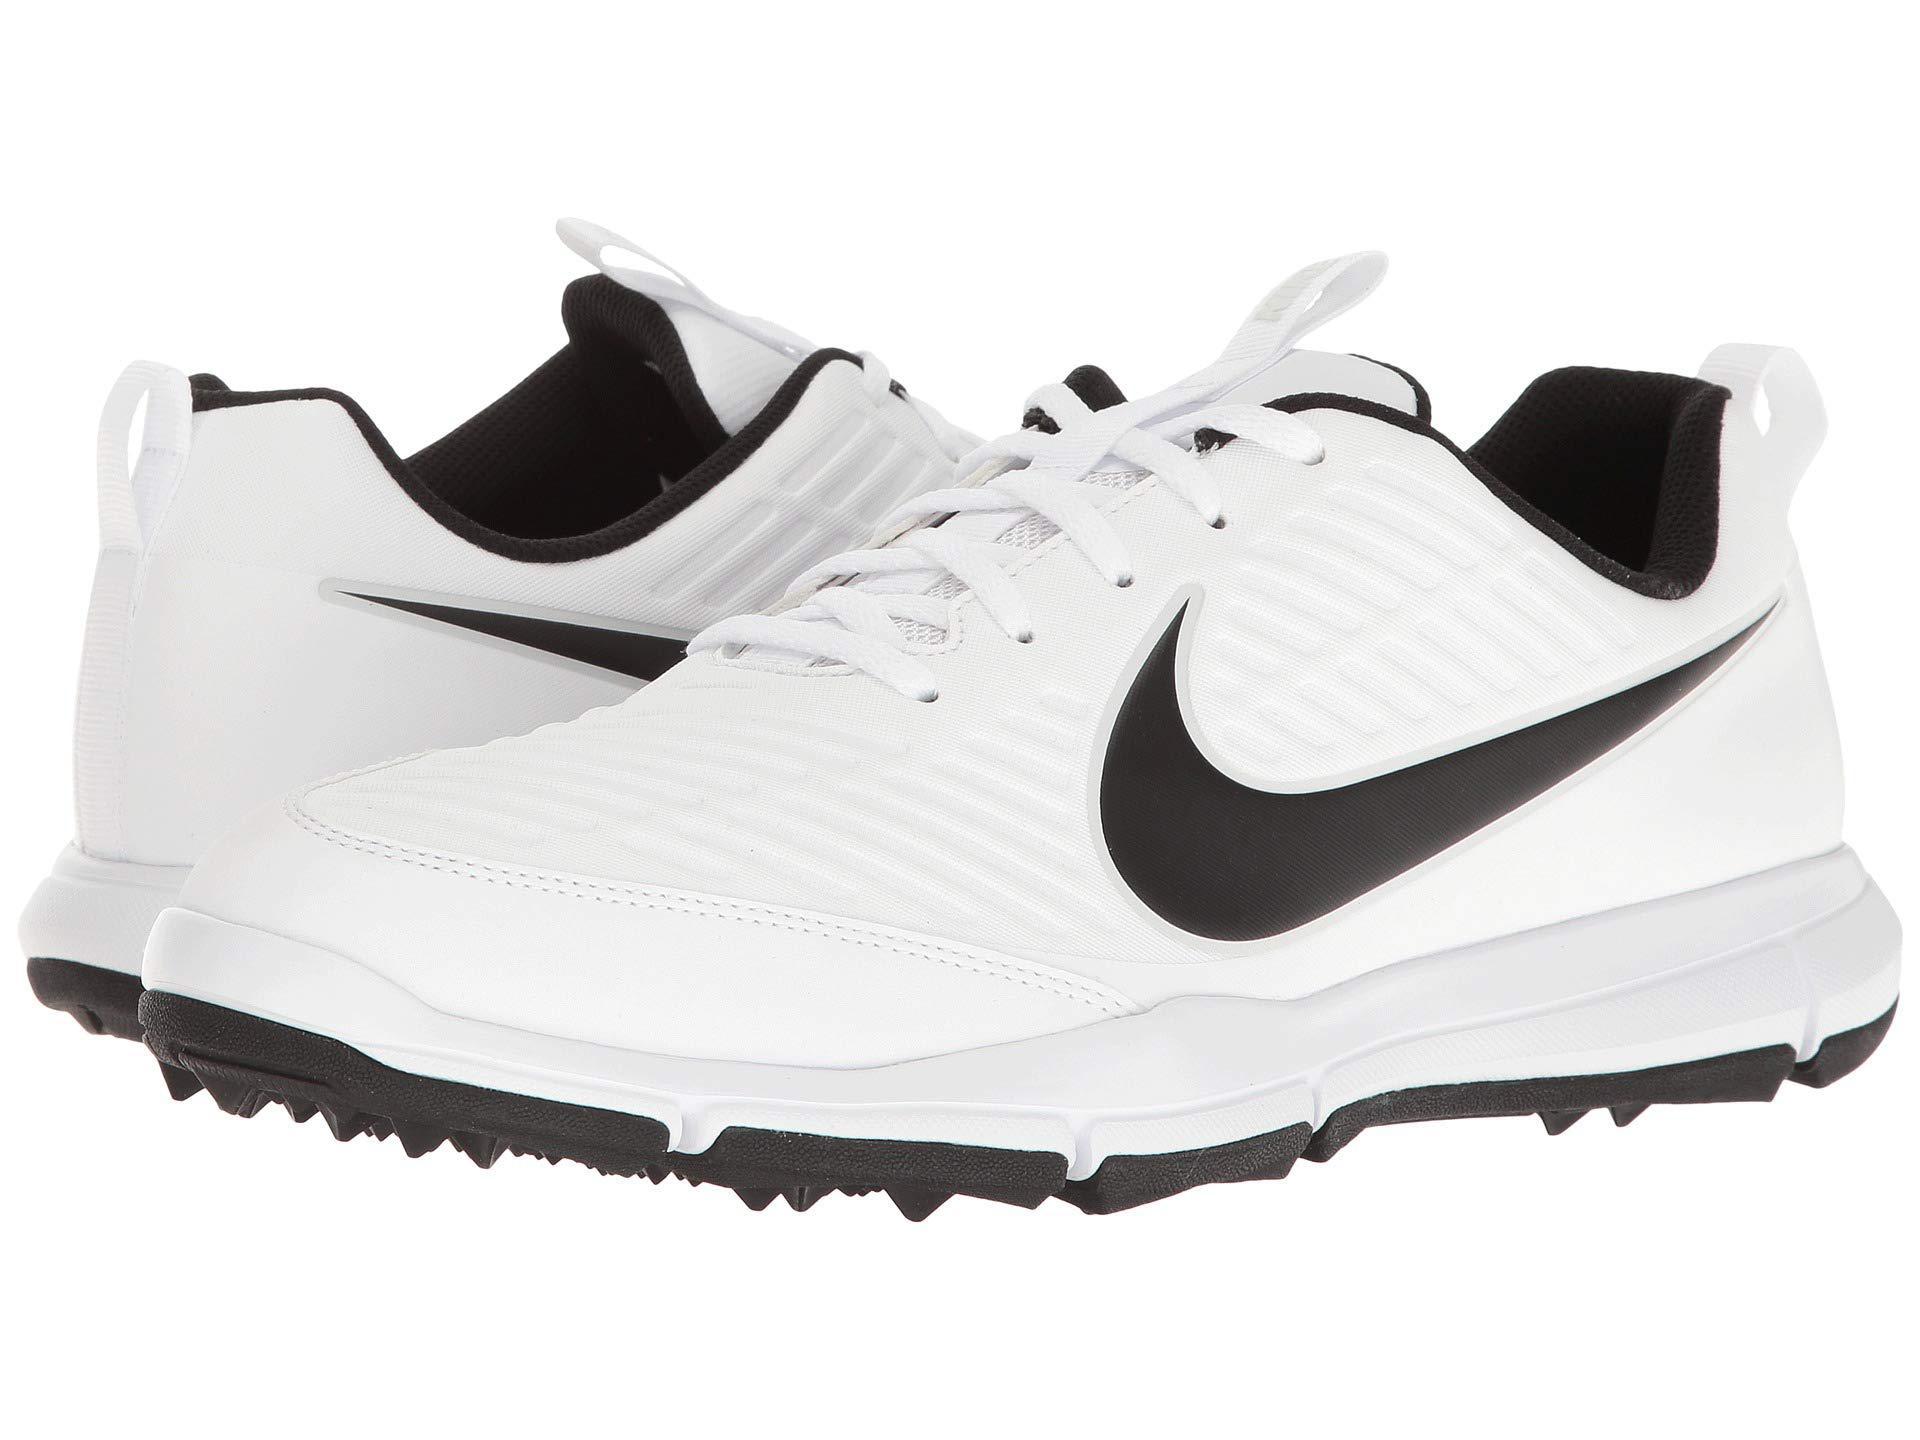 timeless design d201f 17e35 Nike Explorer 2 Golf Shoe in White for Men - Save 20% - Lyst